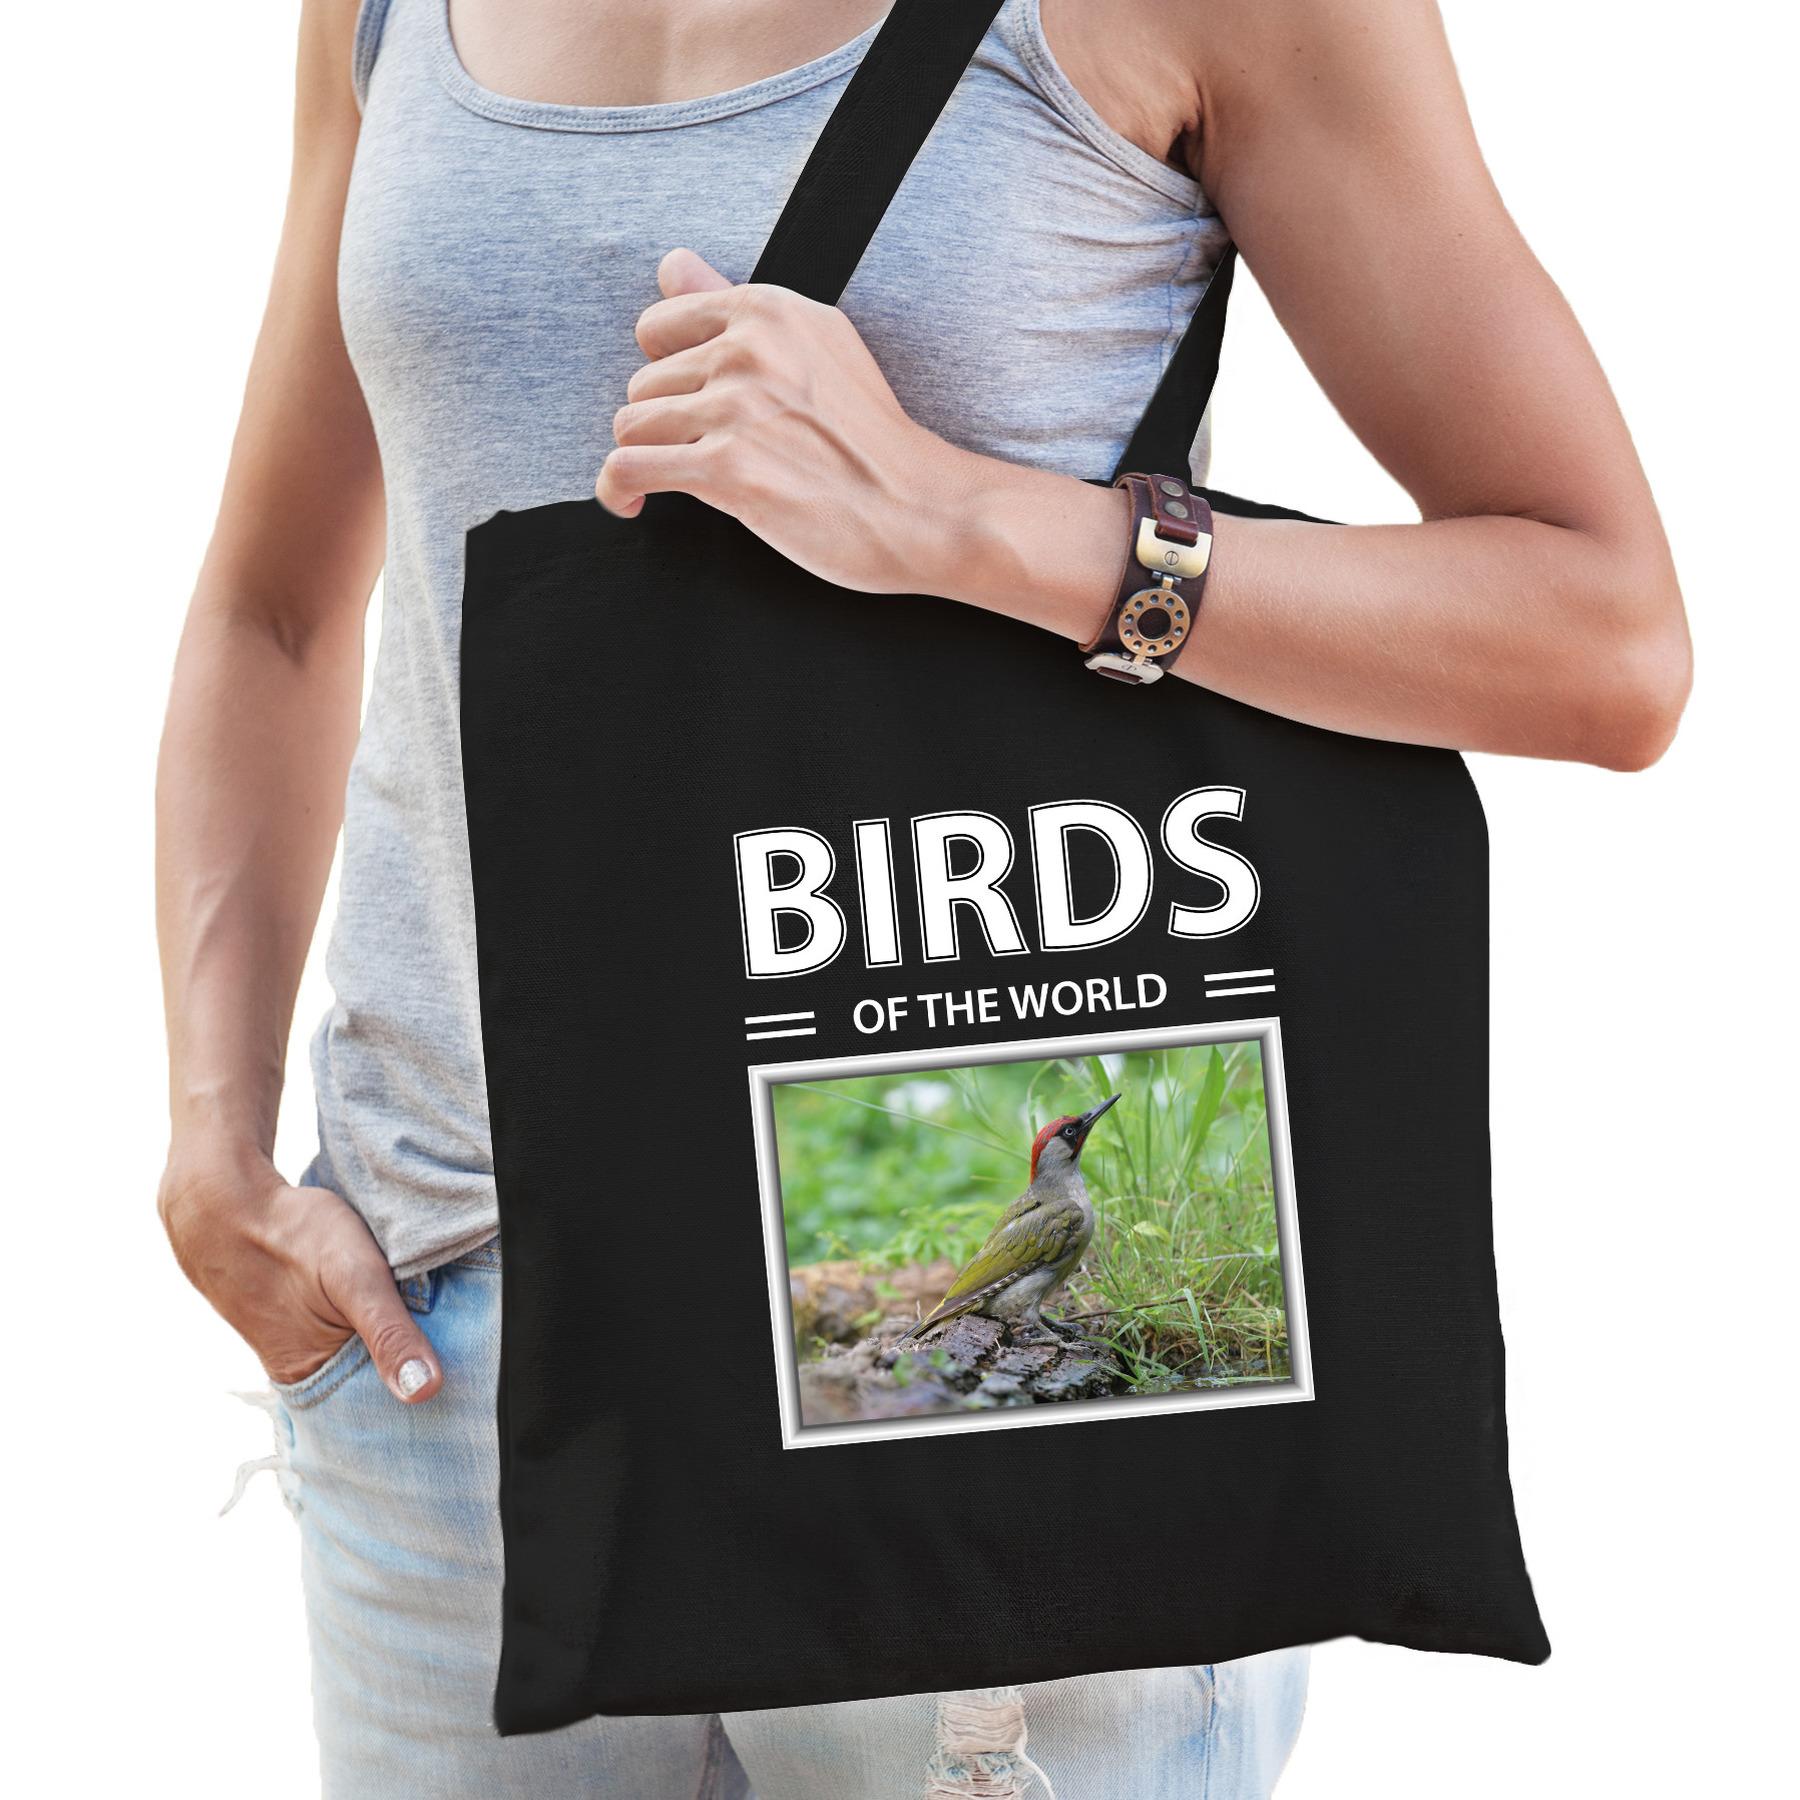 Katoenen tasje spechten vogel zwart - birds of the world groene specht cadeau tas